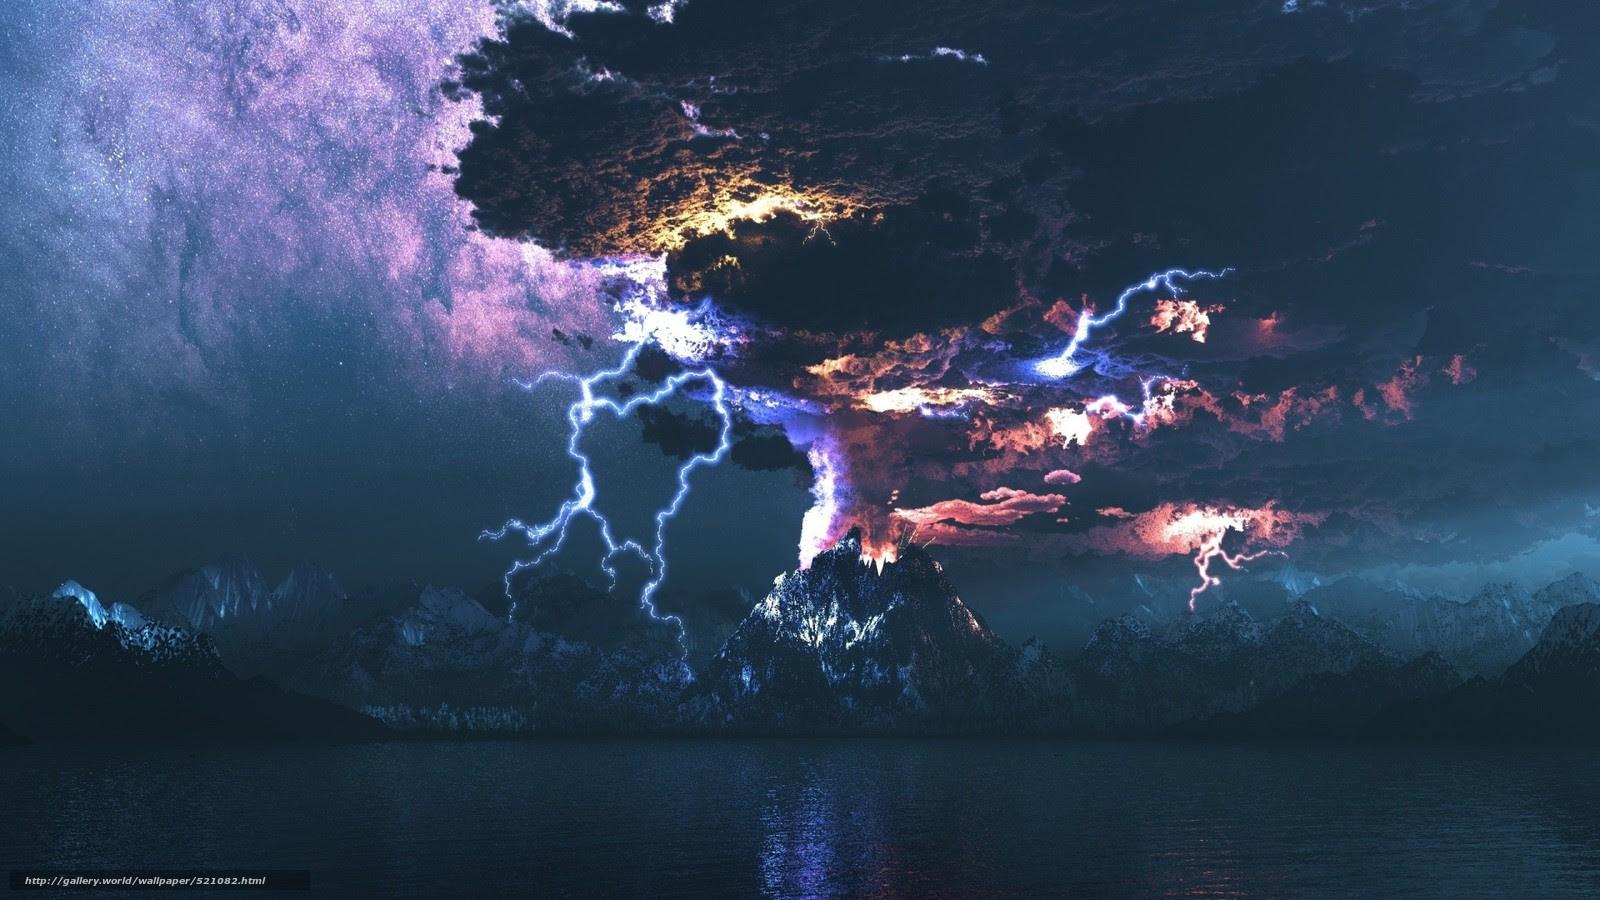 壁紙をダウンロード 海 火山 稲妻 デスクトップの解像度のための無料